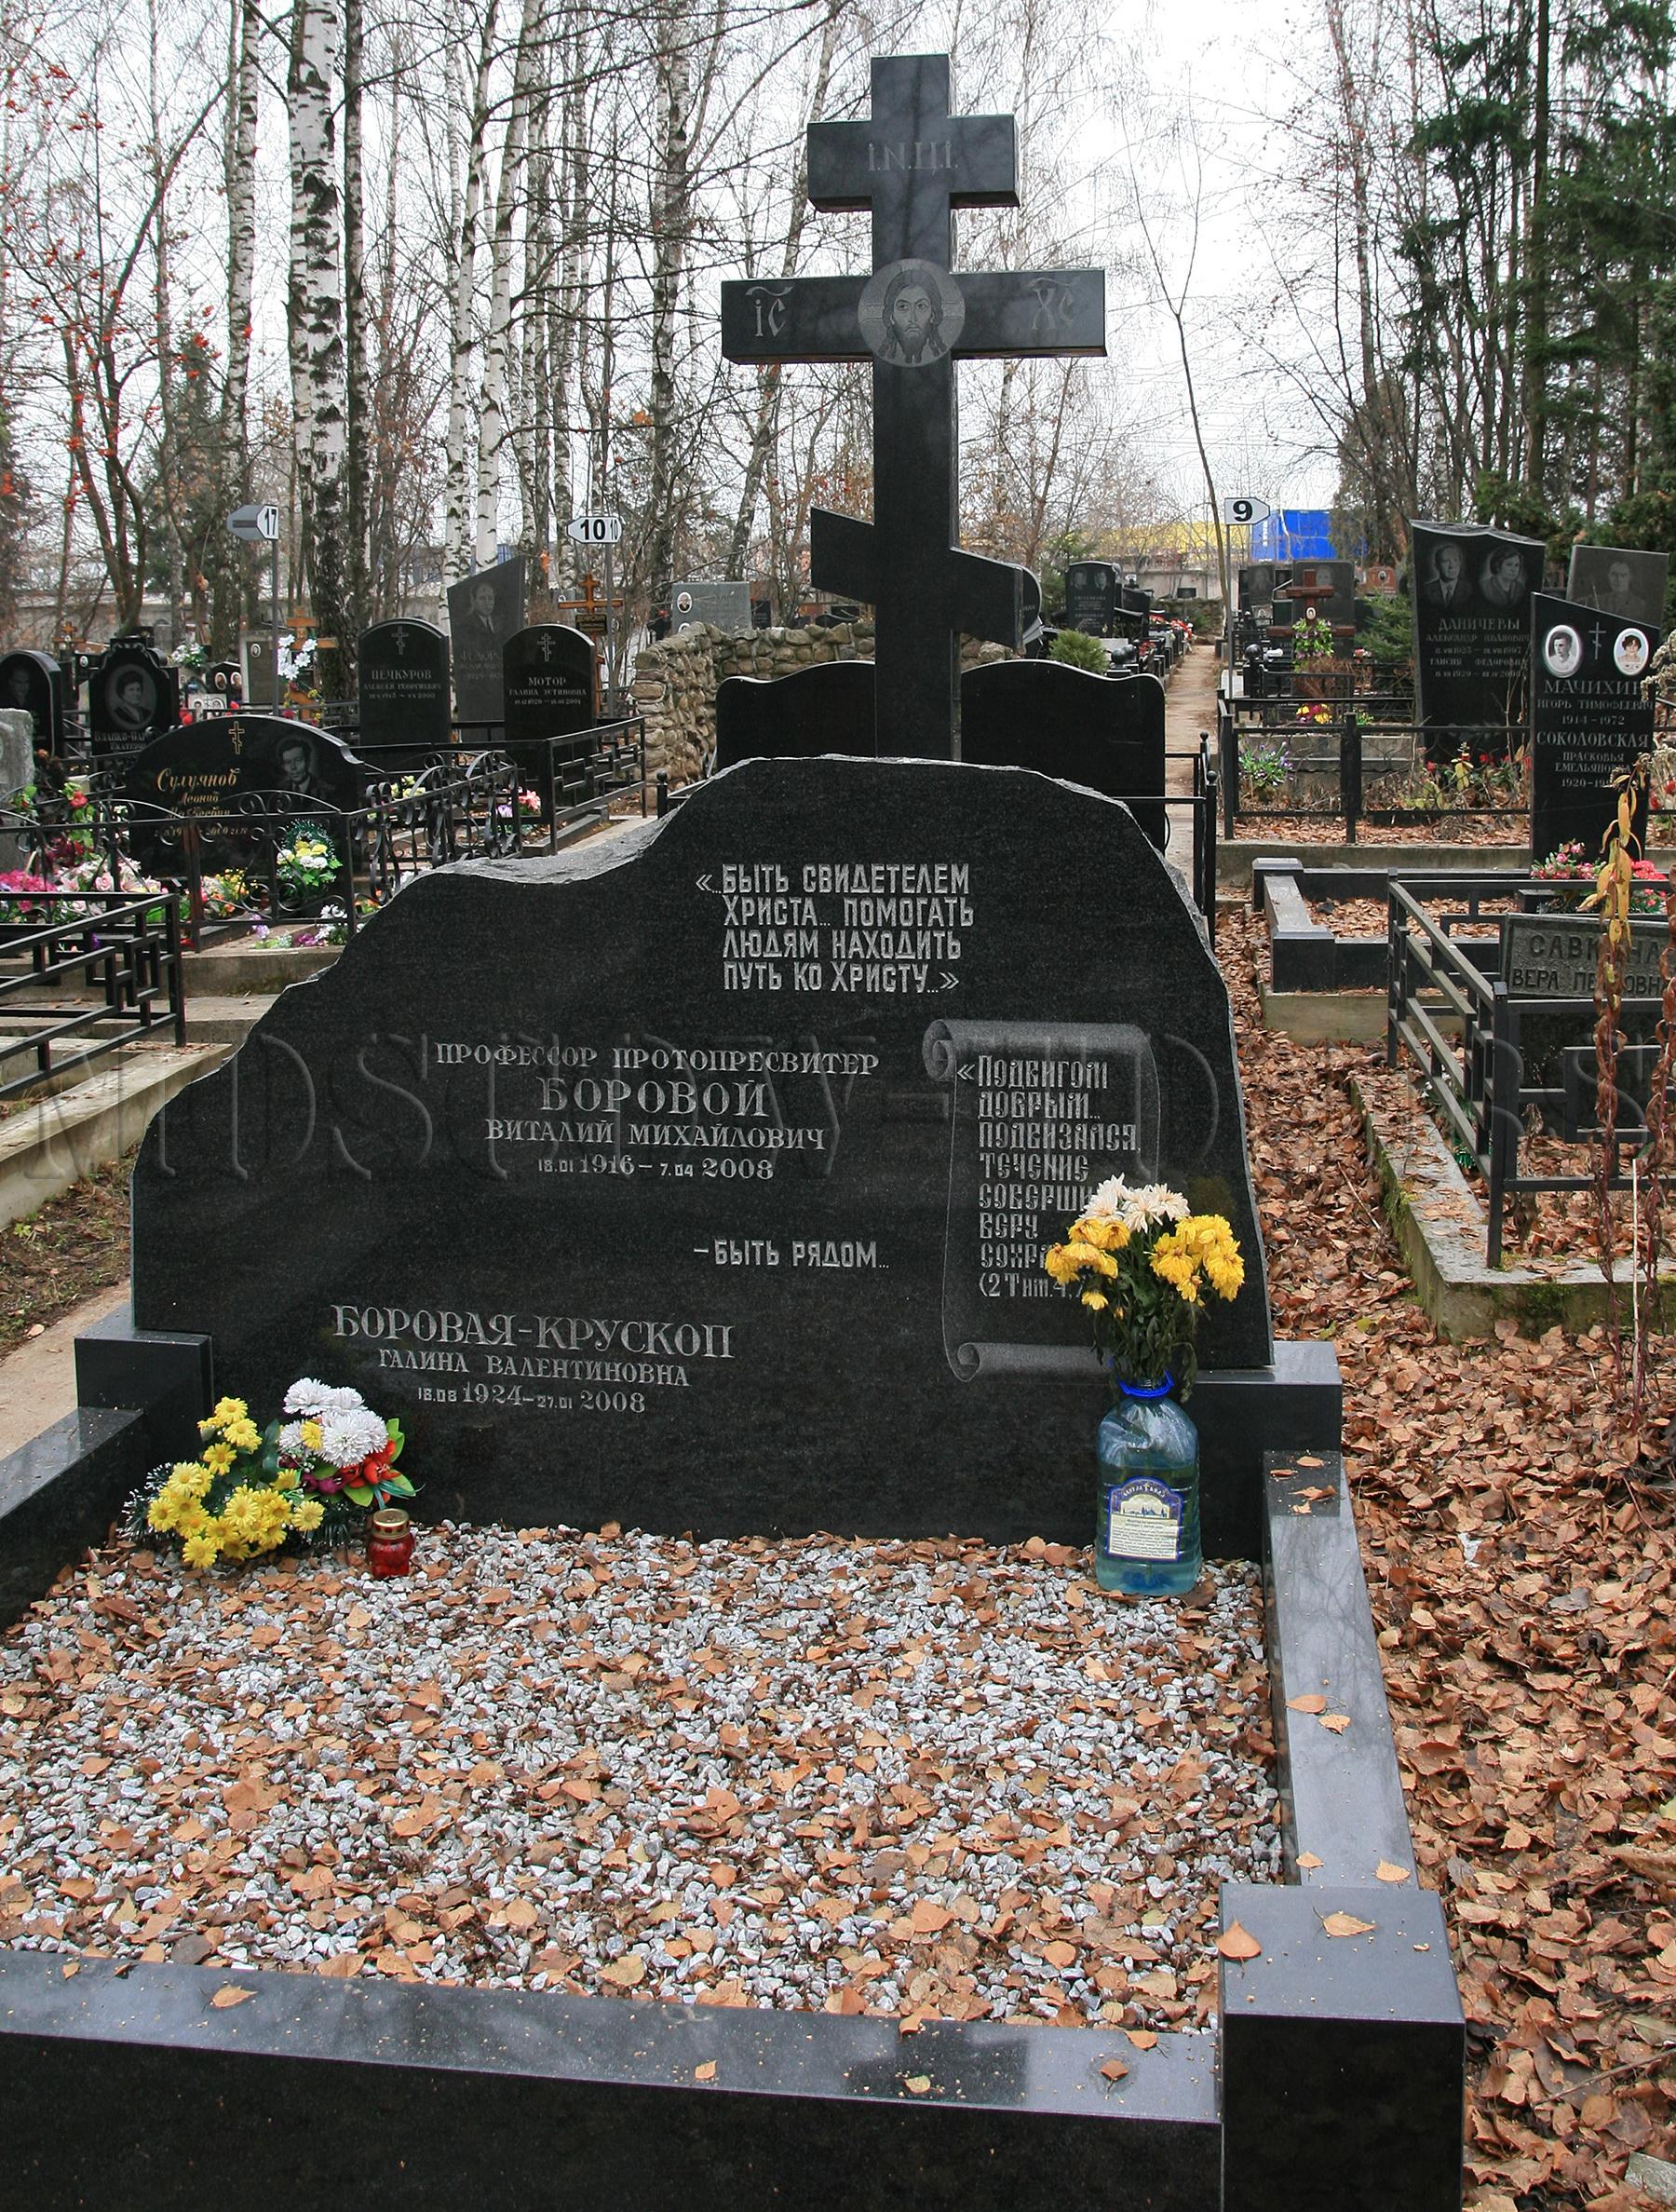 Памятник Виталию Боровому